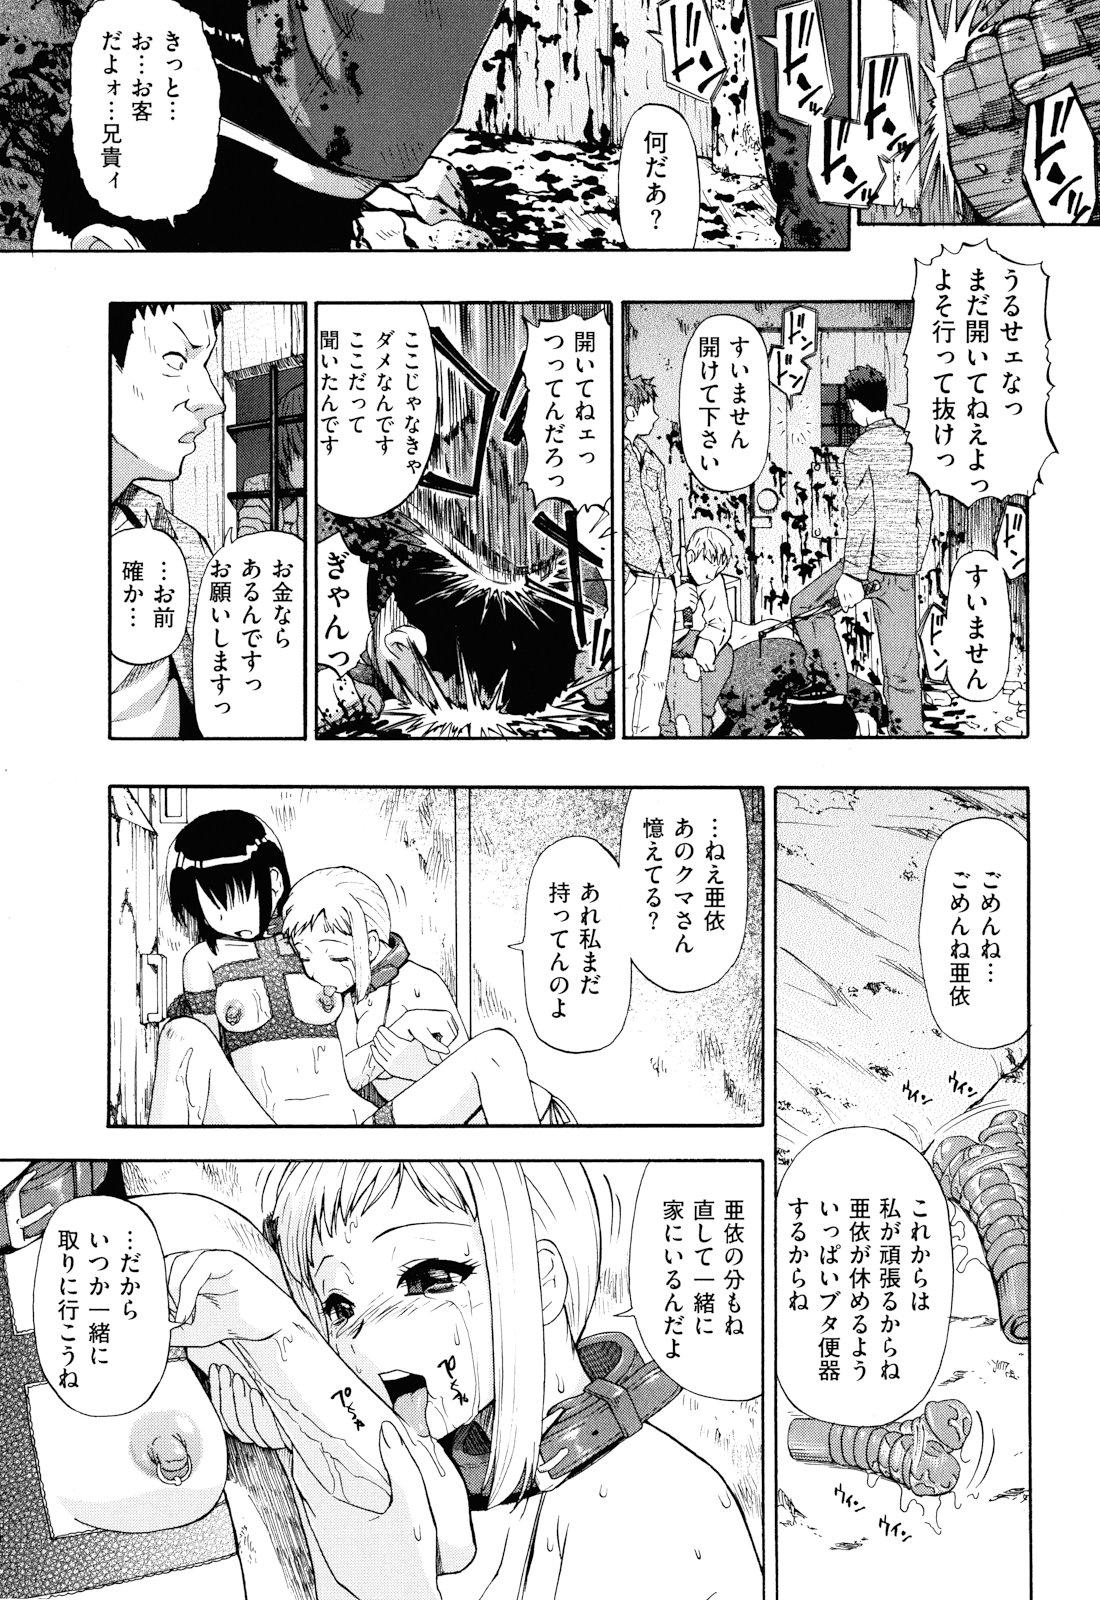 【エロ漫画】廃人と化した友人の前で男達に凌辱される肉便器www